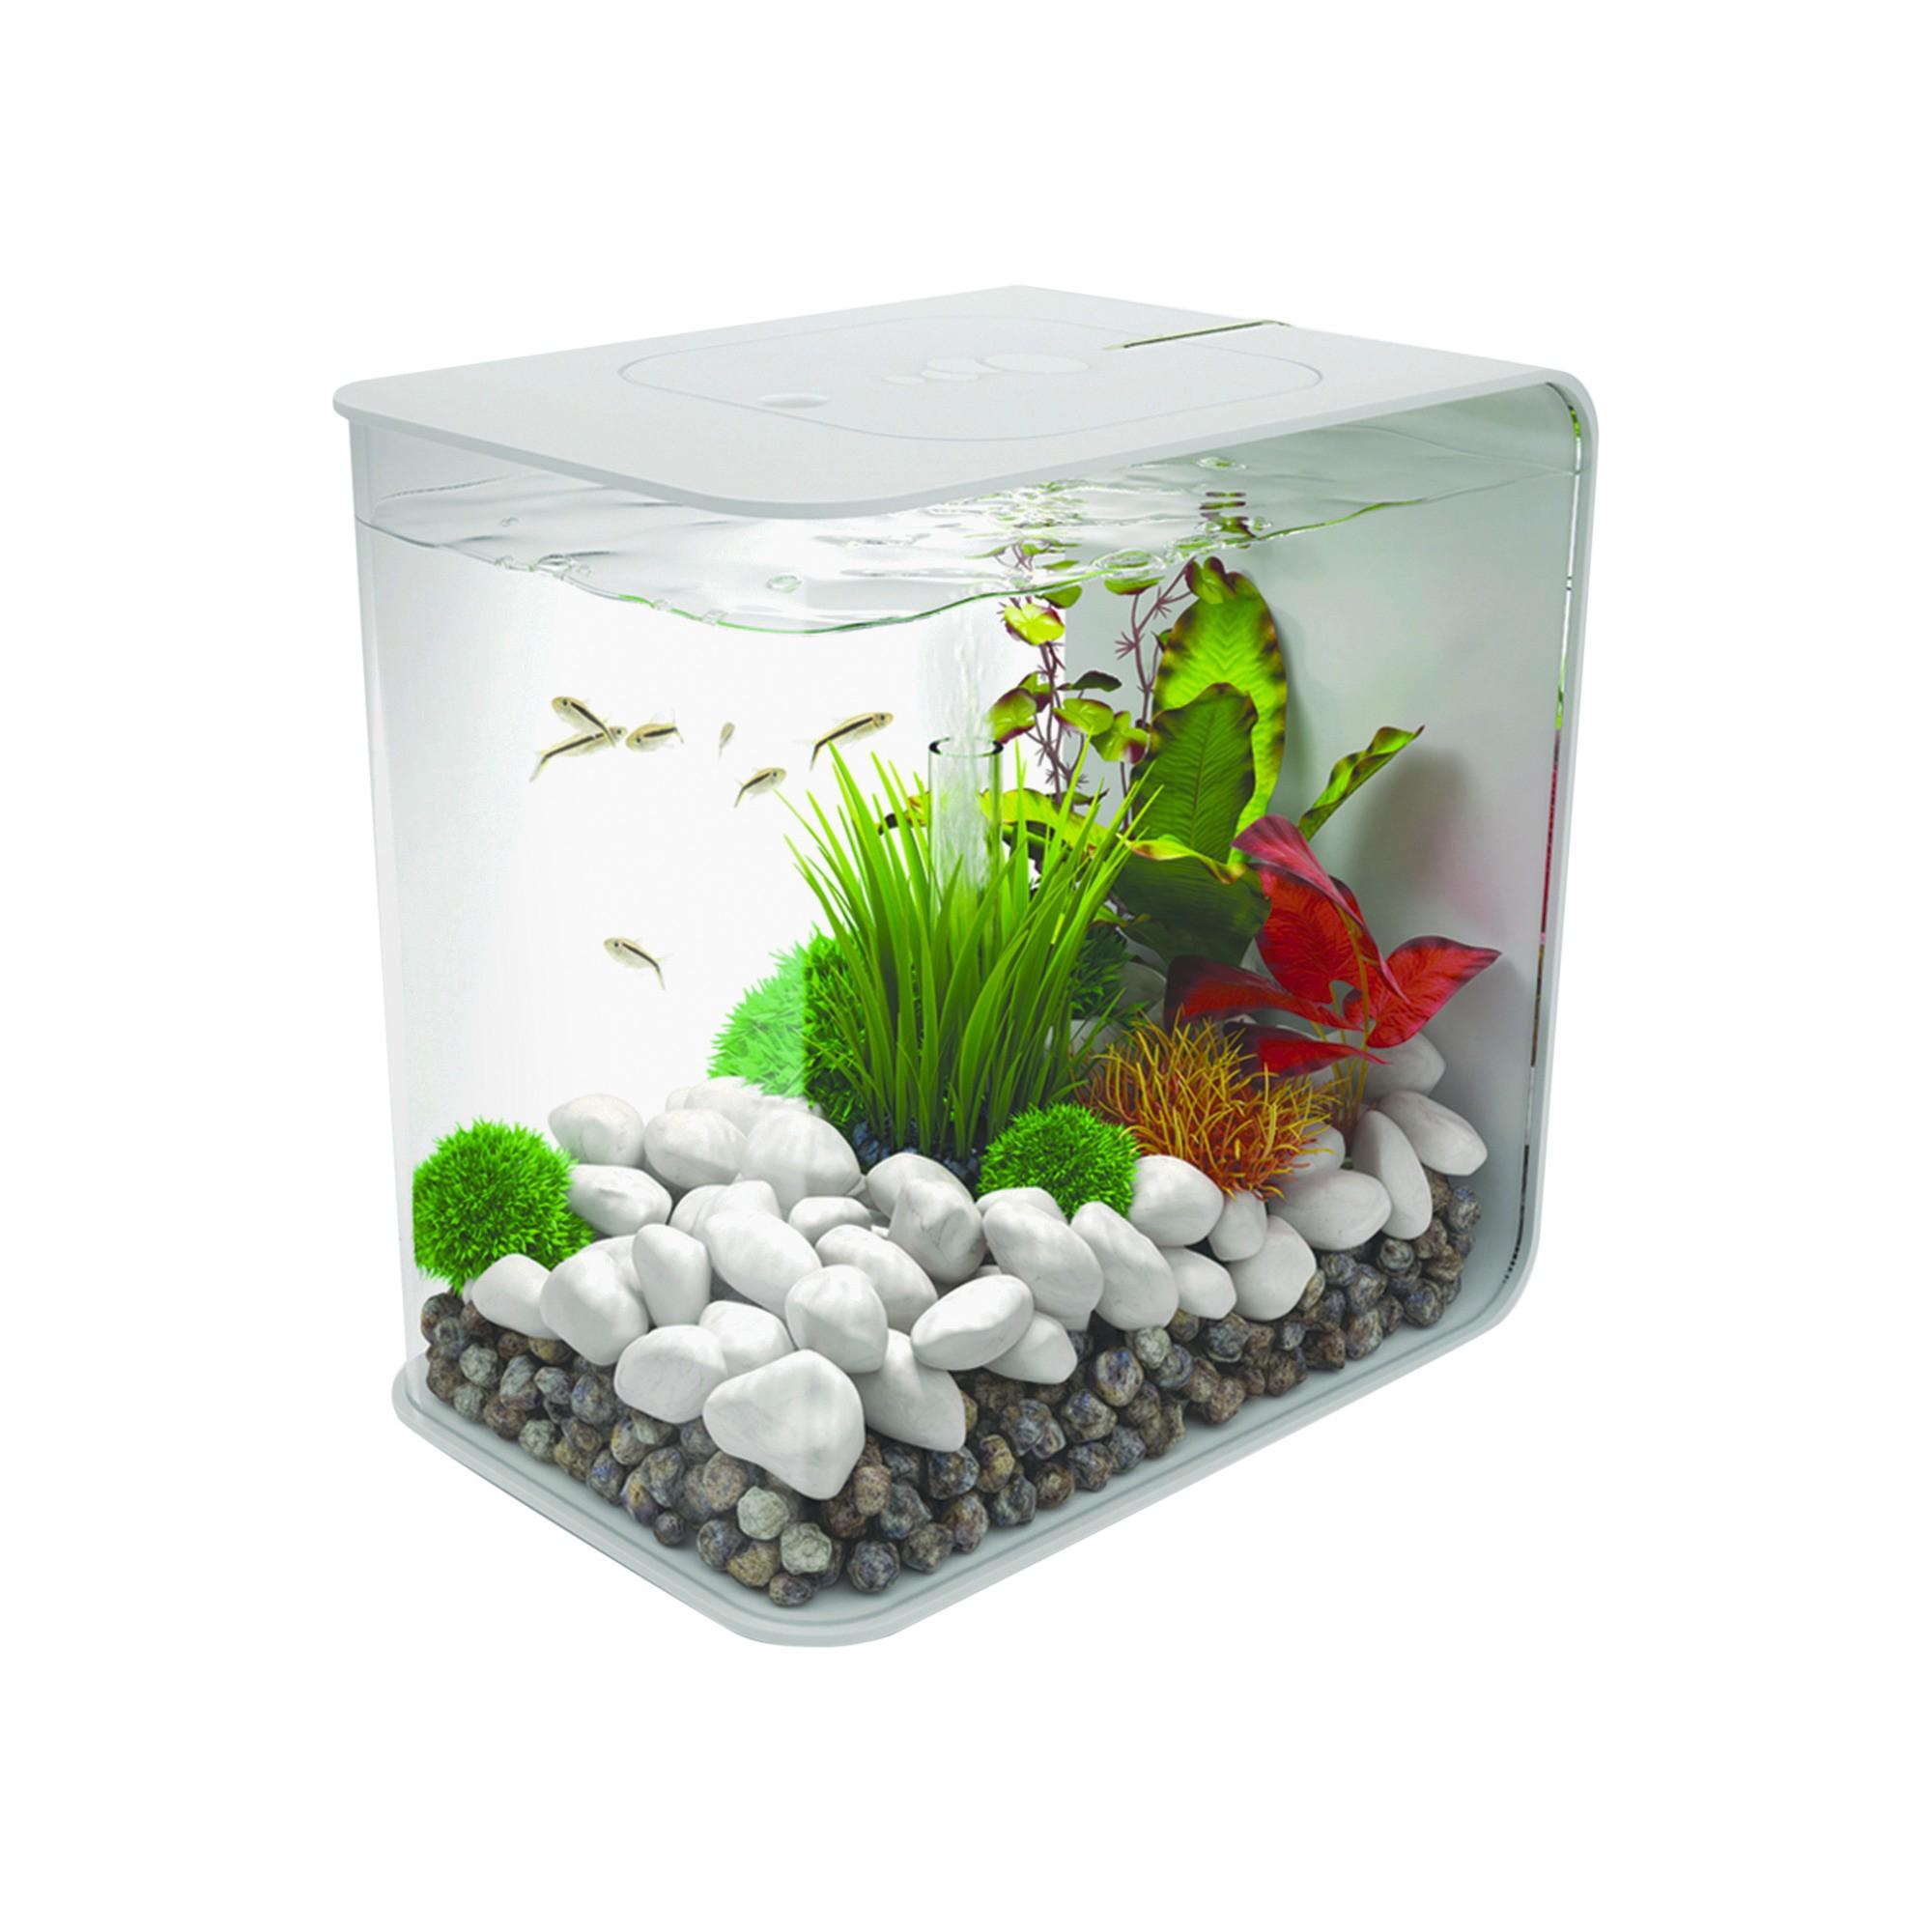 bd6f0dd69b6fe4b34283478a38cc0c80 Incroyable De Aquarium Deco Des Idées